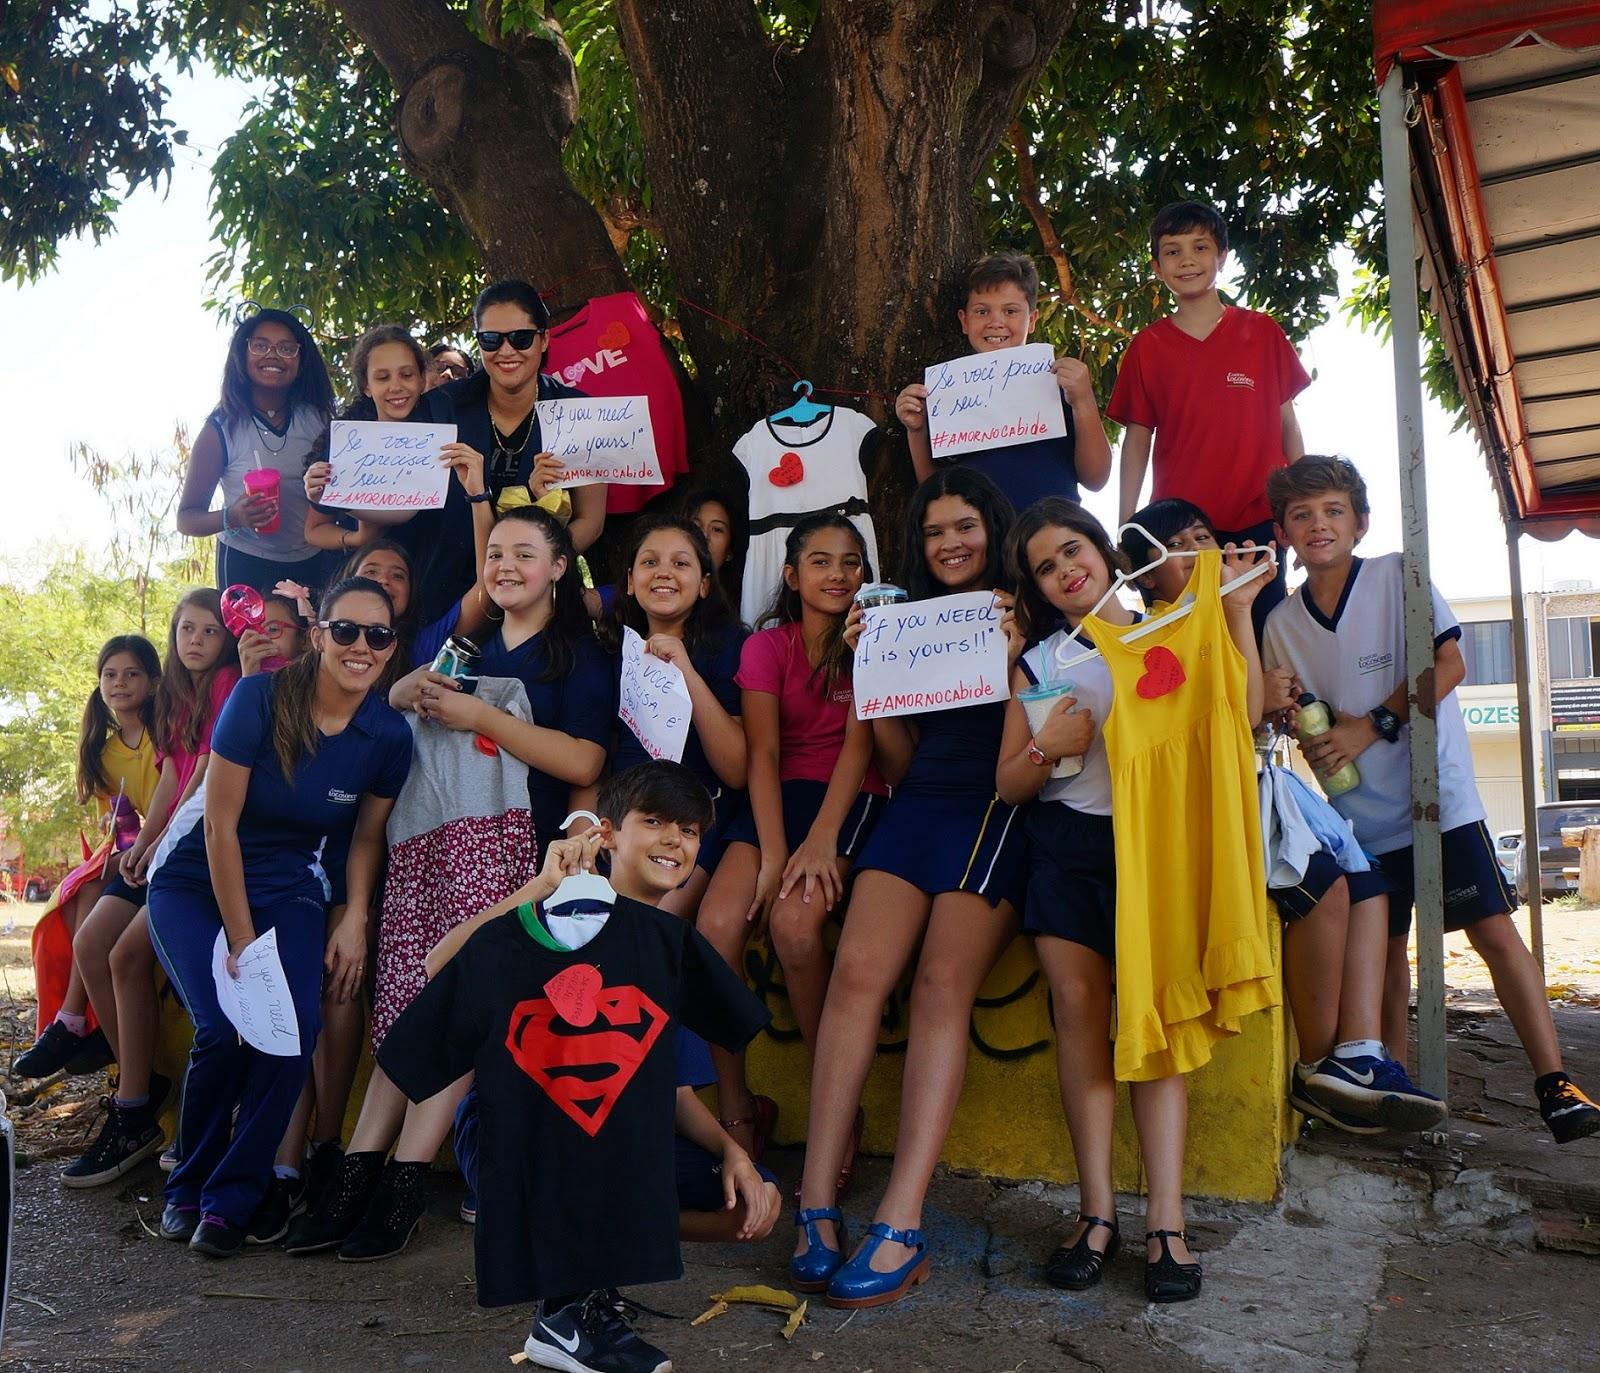 Projeto de doação de roupas por alunos de escola particular em Brasília